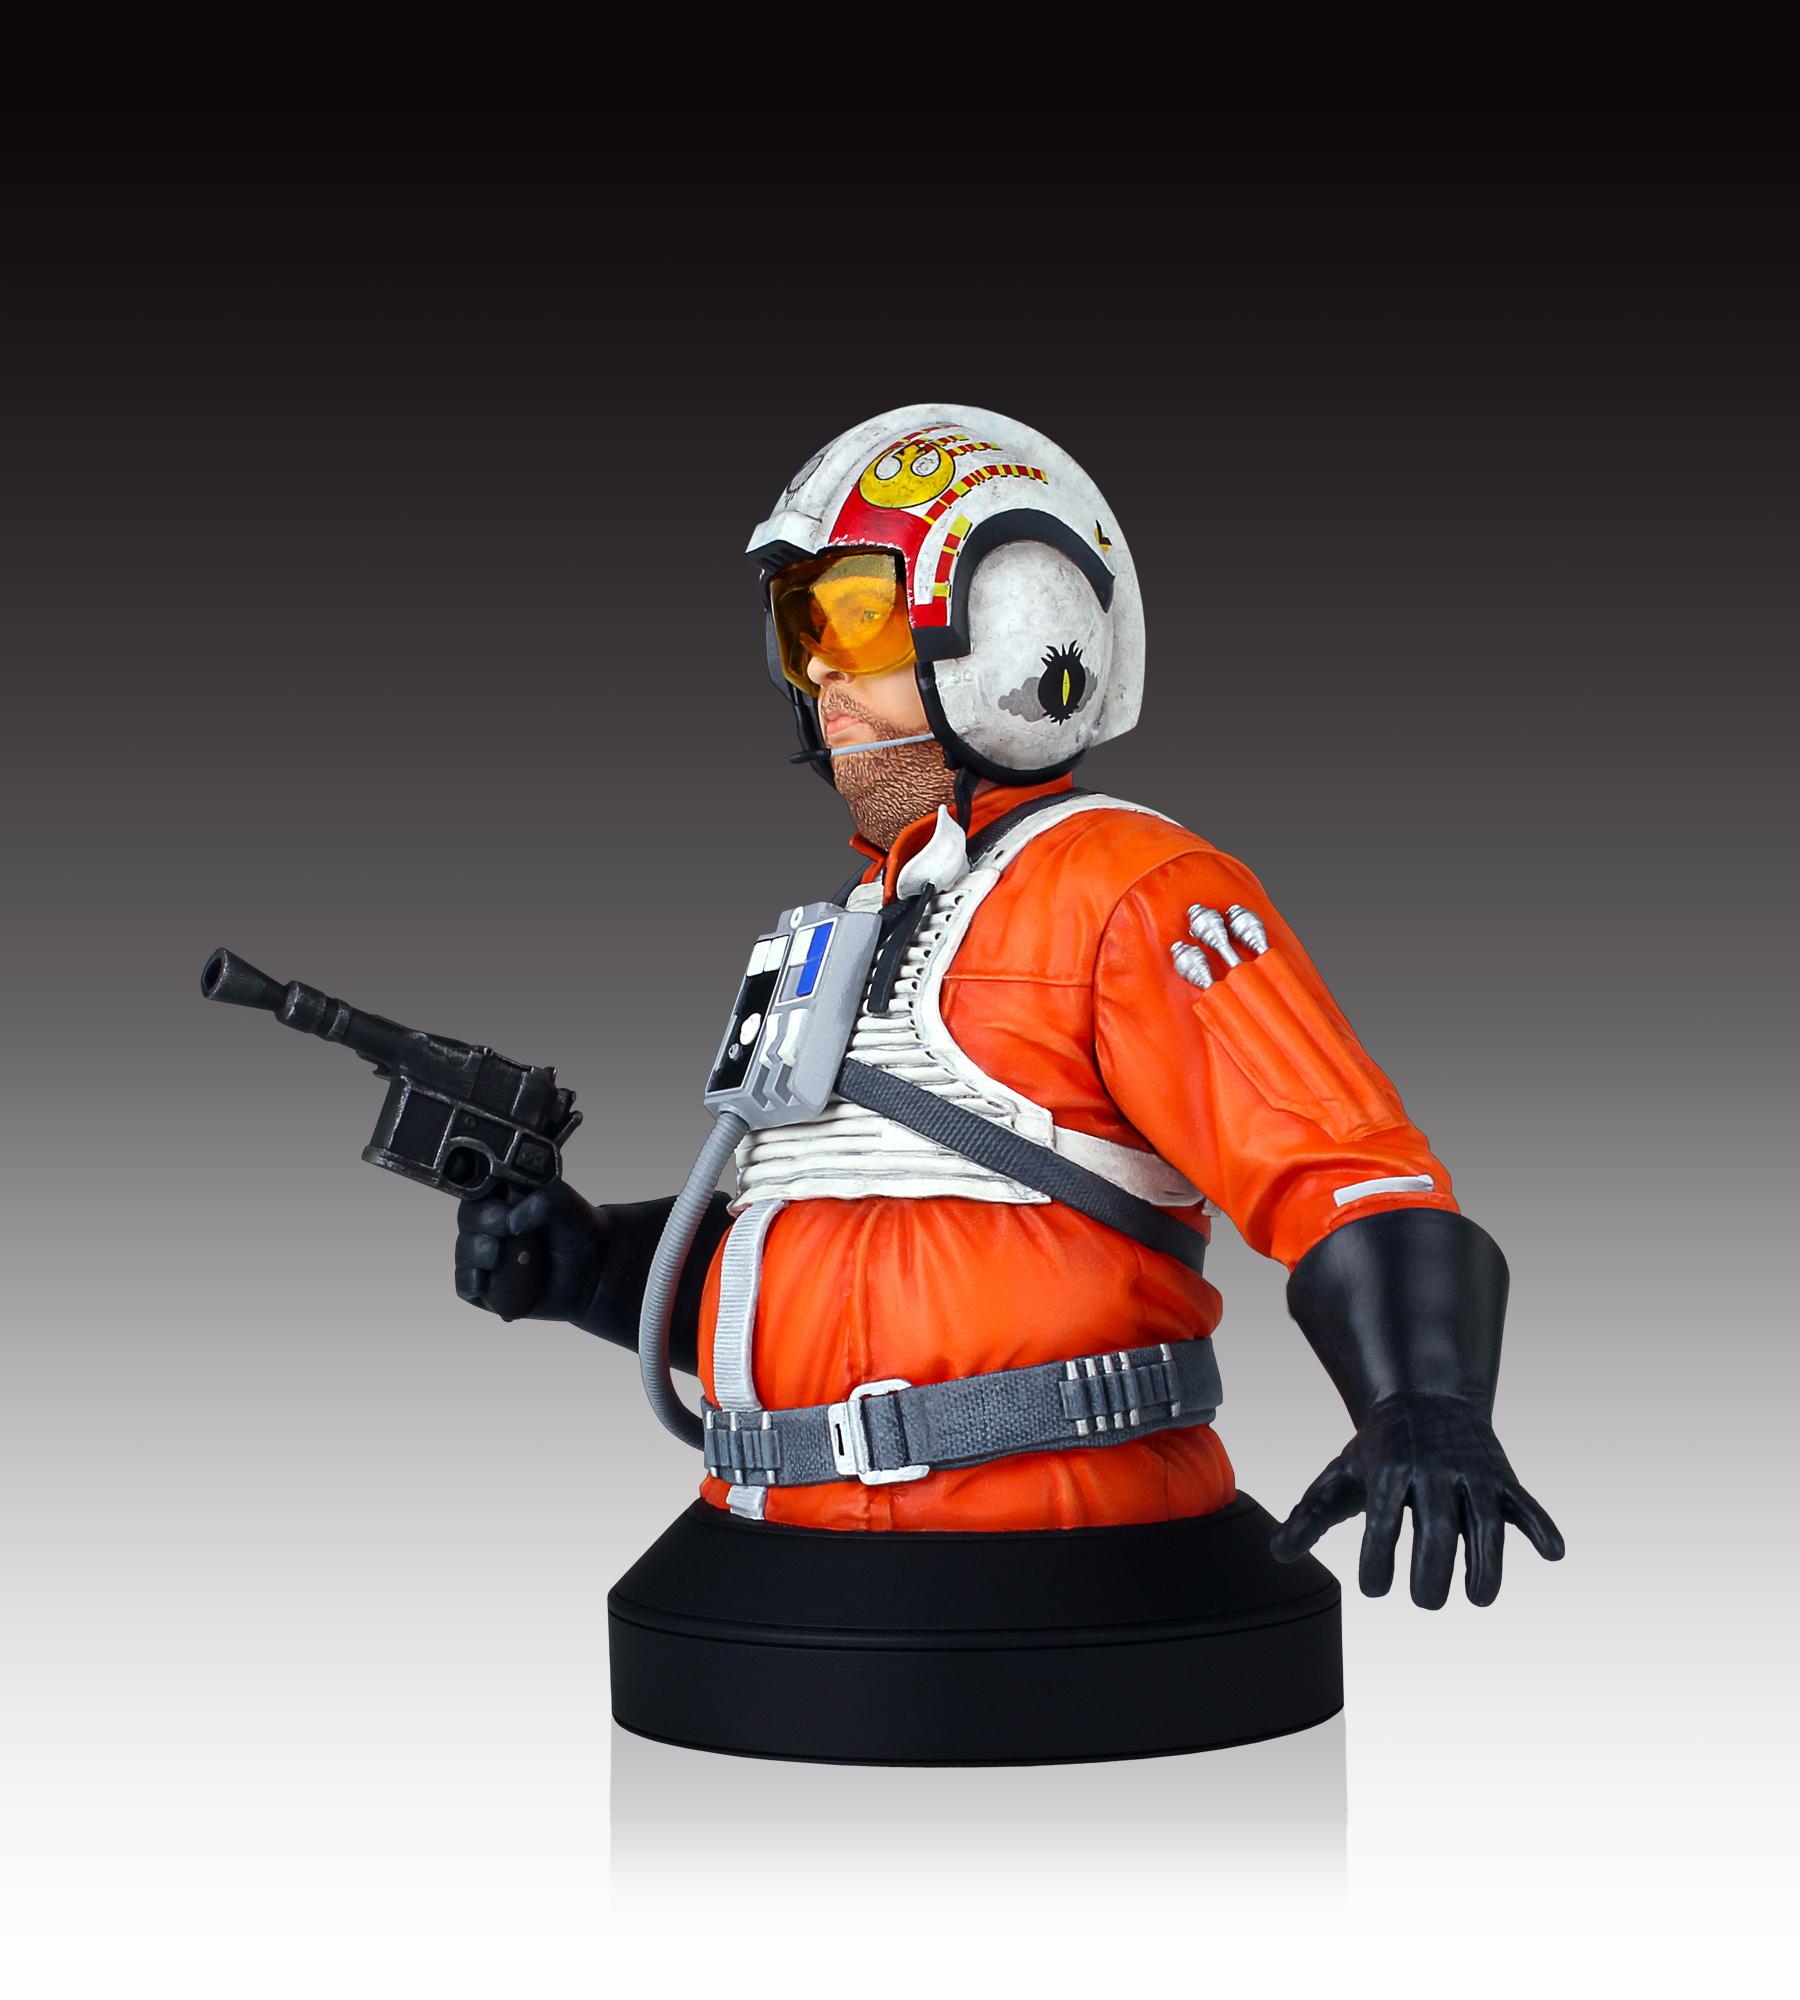 [Gentle Giant] SDCC Exclusive Star Wars Jek Porkins Mini Bust SDCC-Exclusive-Star-Wars-Jek-Porkins-Mini-Bust-002